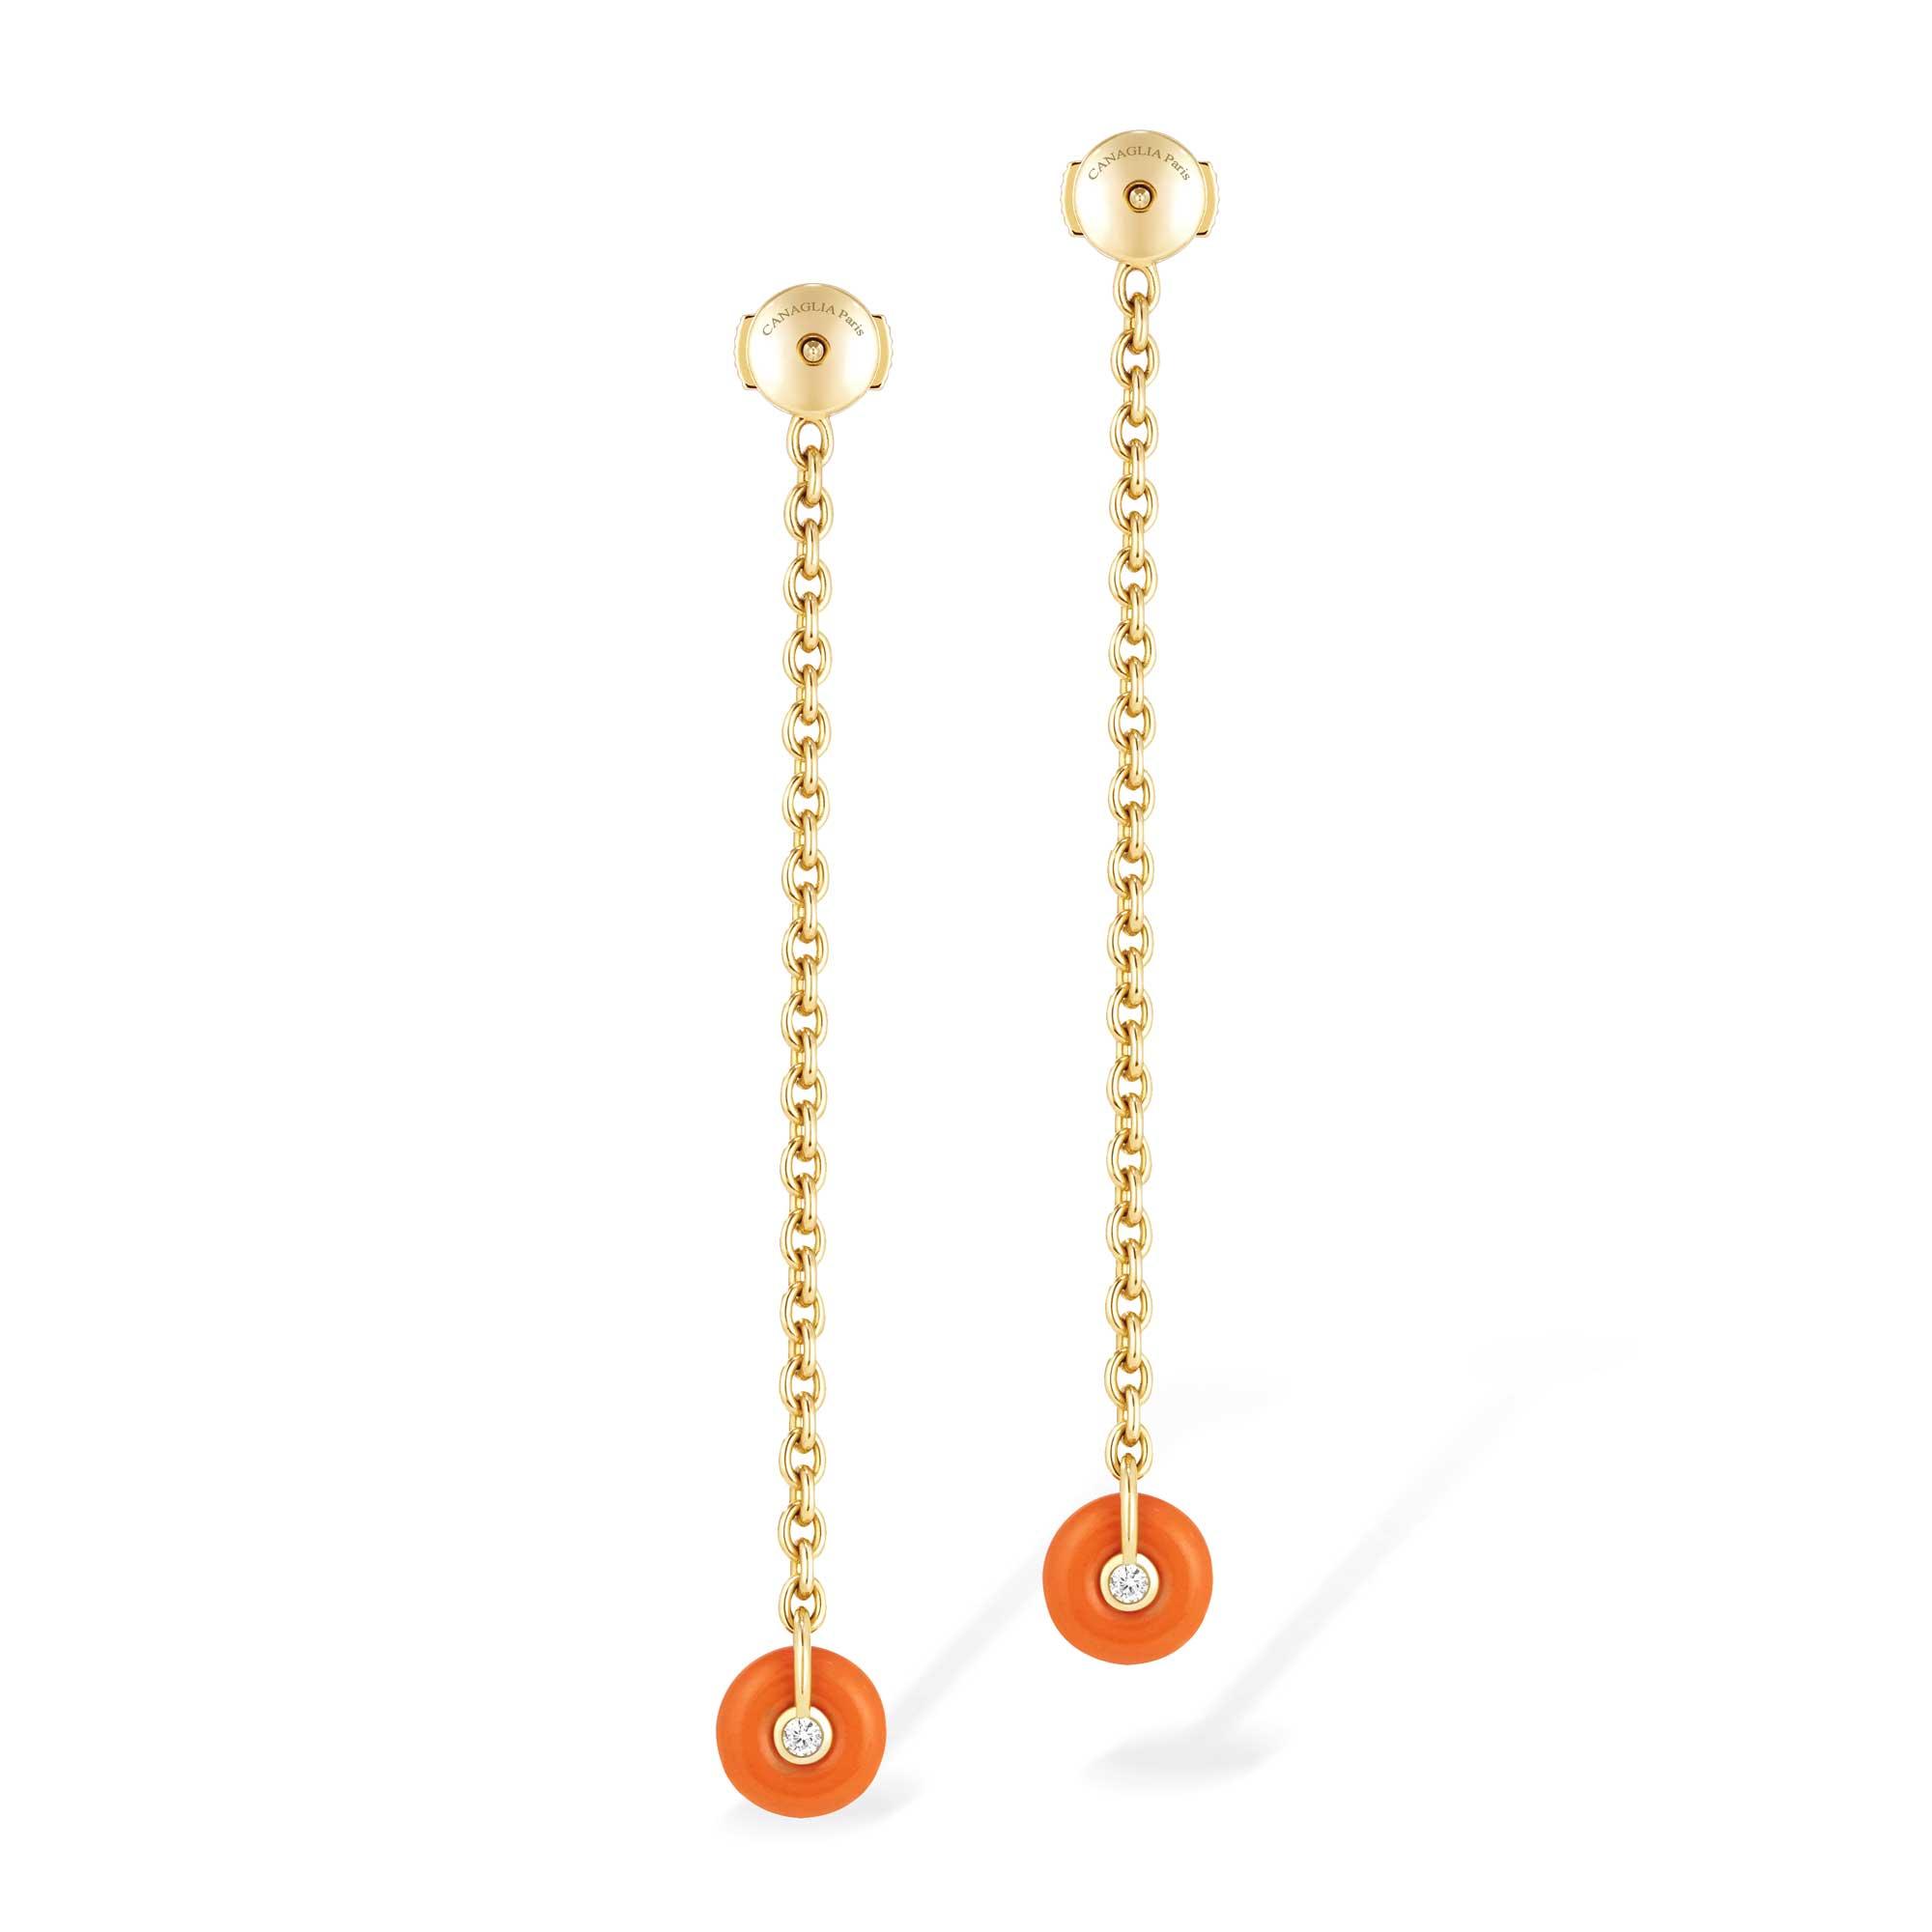 Fermoirs boucles d'oreilles pendantes or jaune, corail et diamants - joaillerie Canaglia Paris-Milan